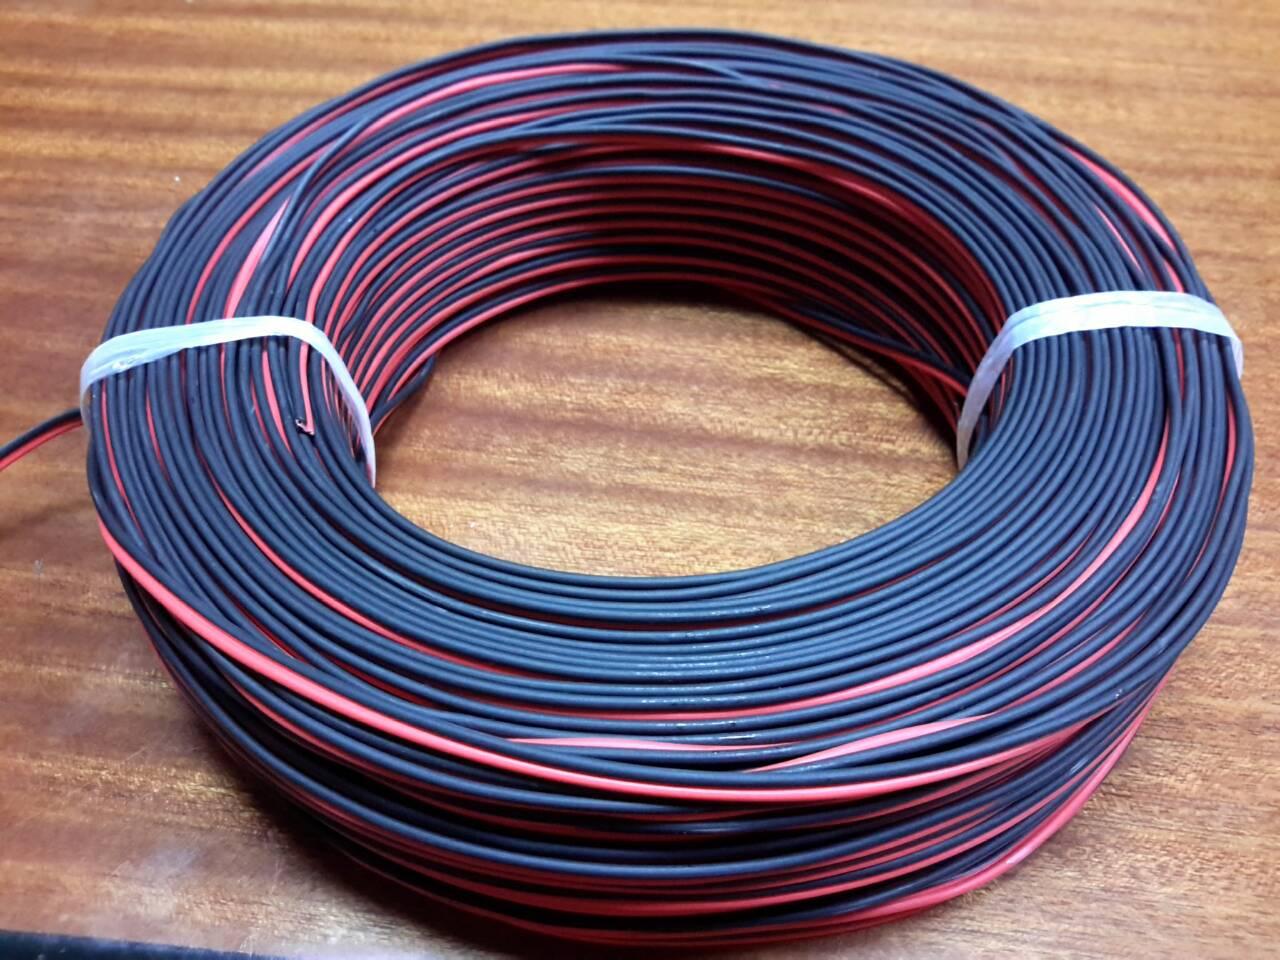 สายไฟลำโพงดำแดงอย่างดี ทองแดงแท้ 100% สุดยอดสำหรับการต่อสายลำโพง ความยาวขด 30 เมตร